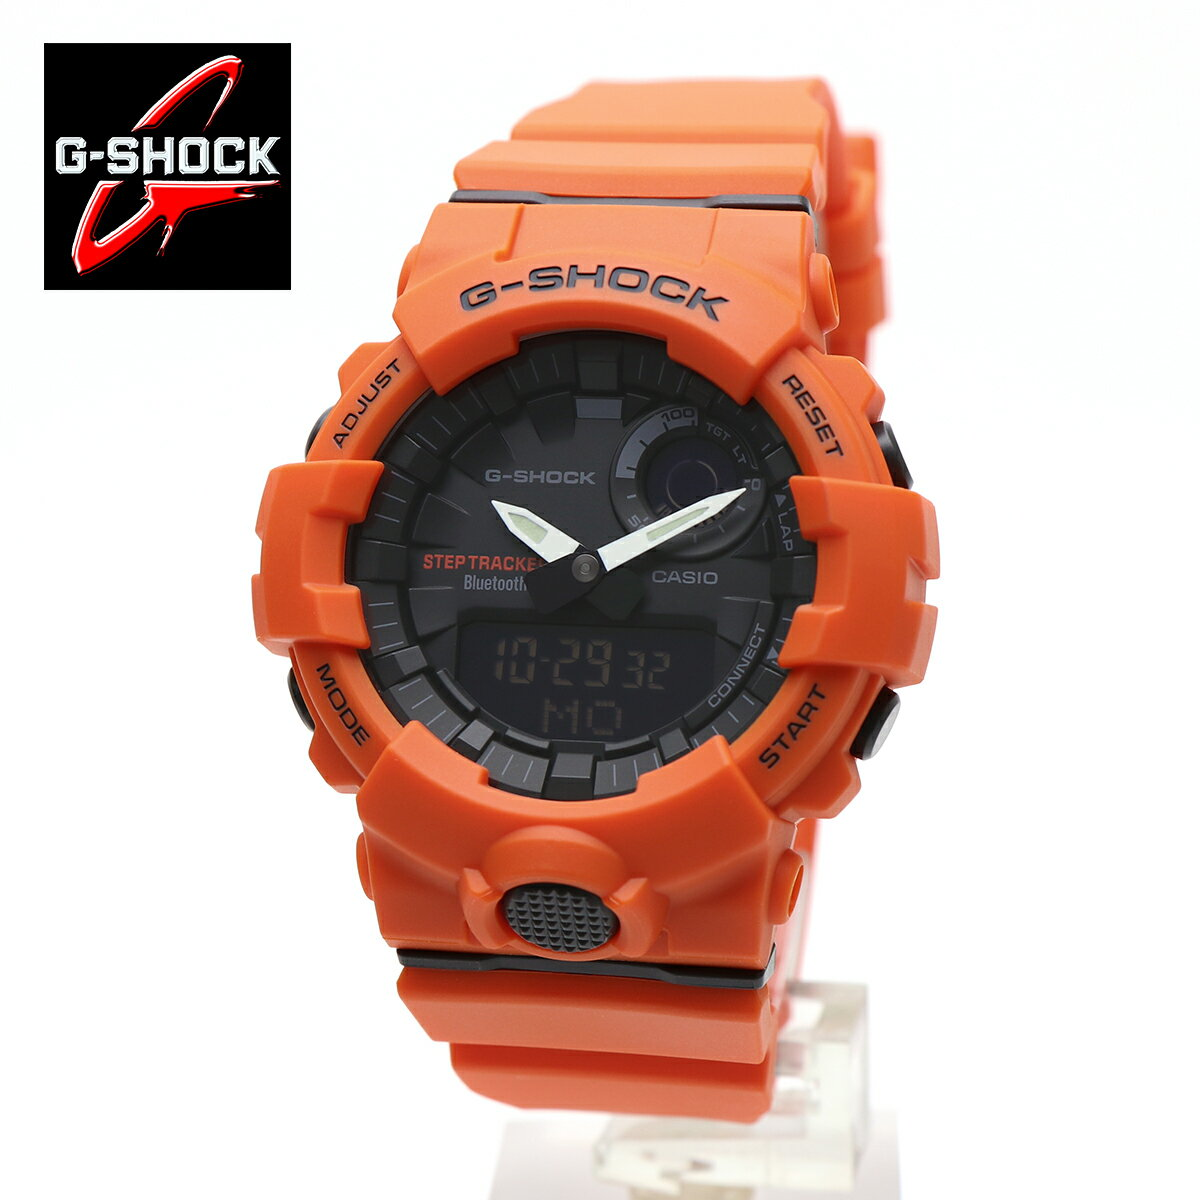 CASIO G-SHOCK Red watch !!G-SHOCK CASIO Bluetoot...